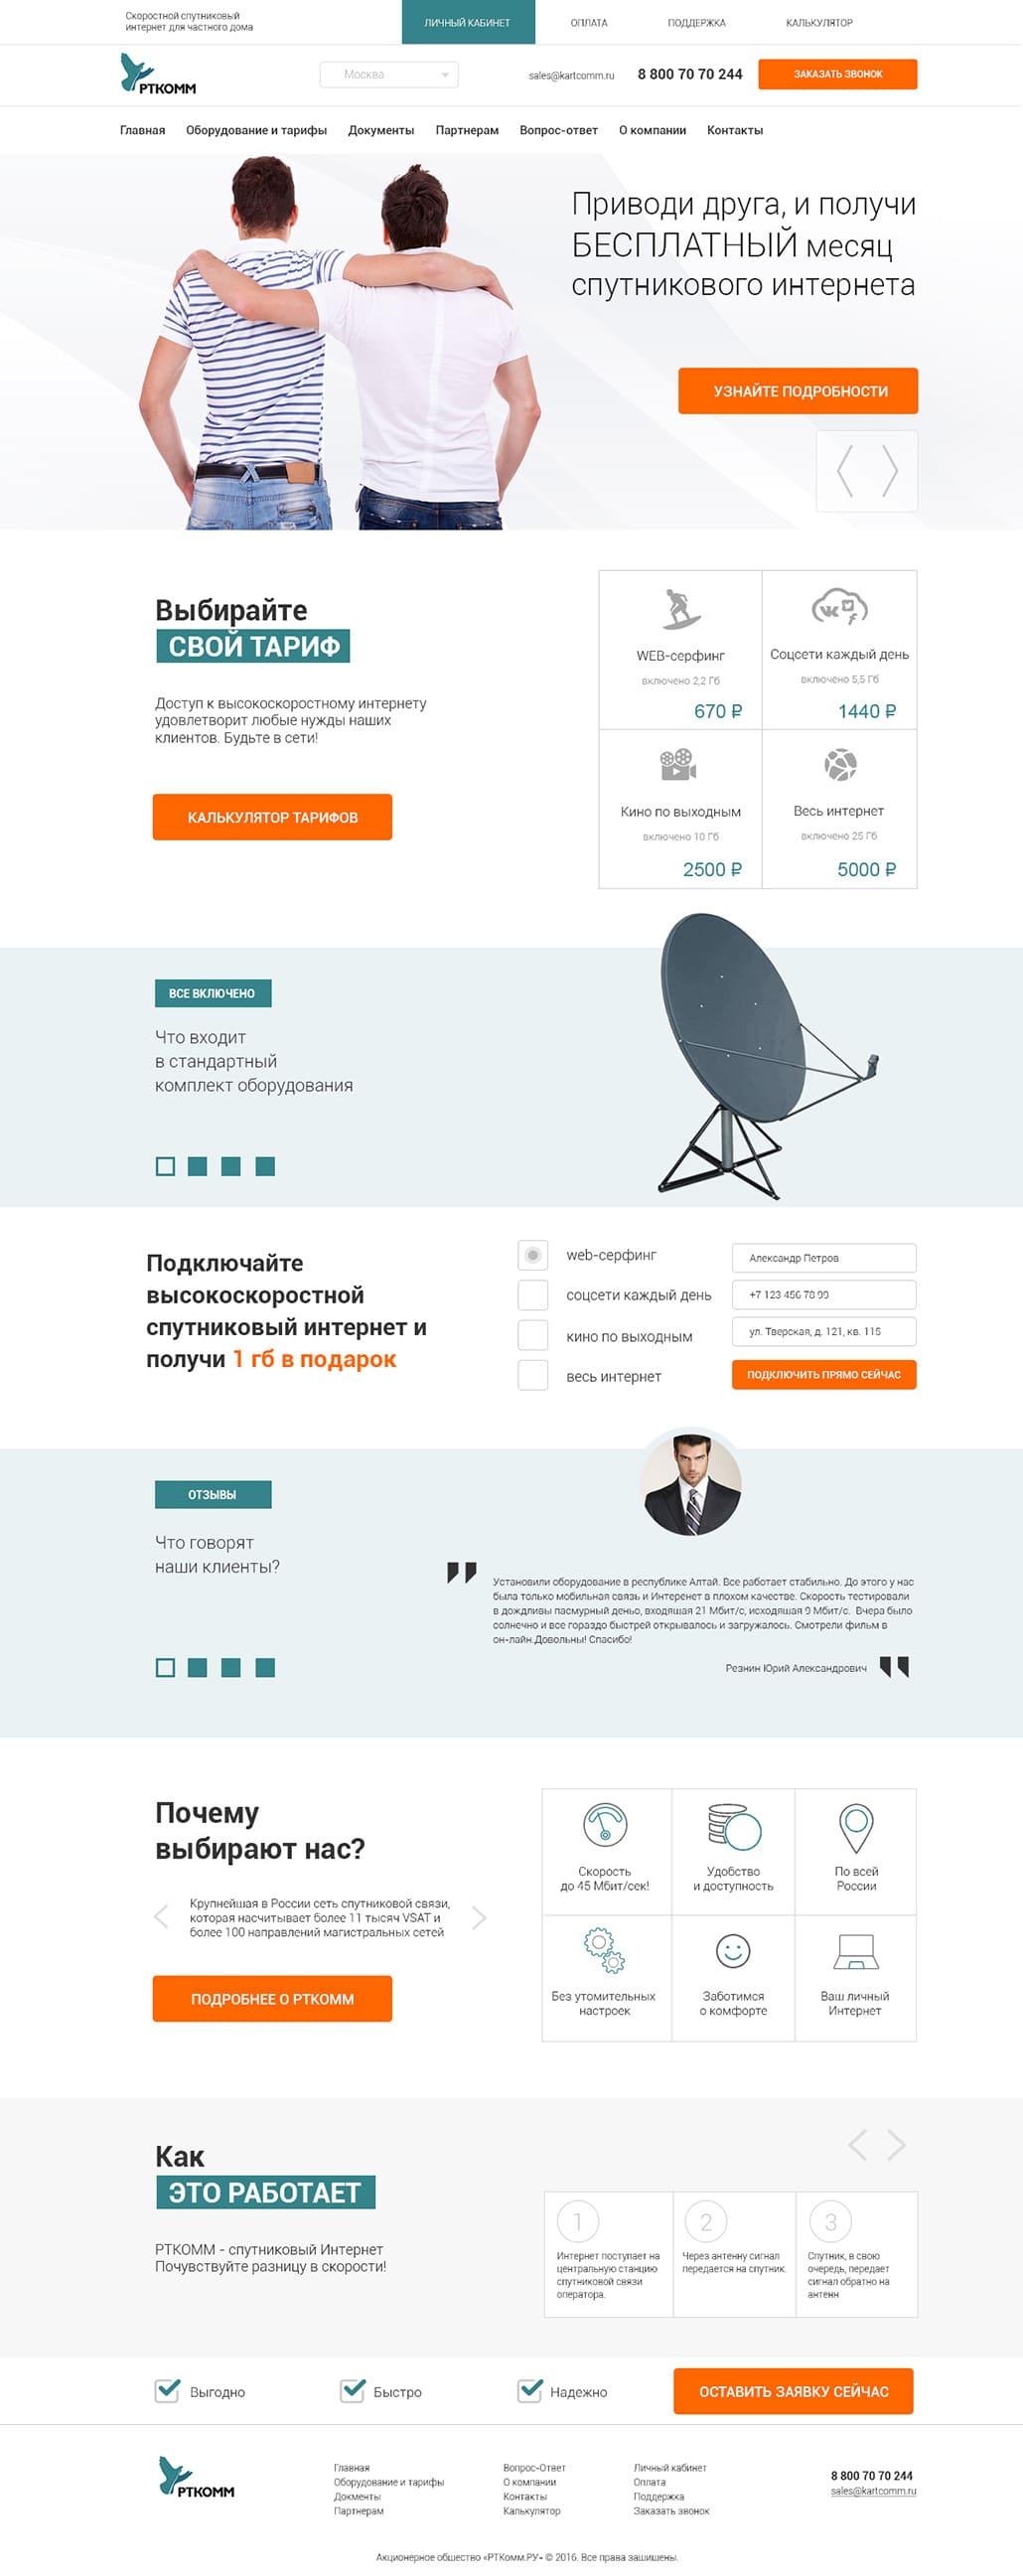 Концепт-дизайн для сайта провайдера